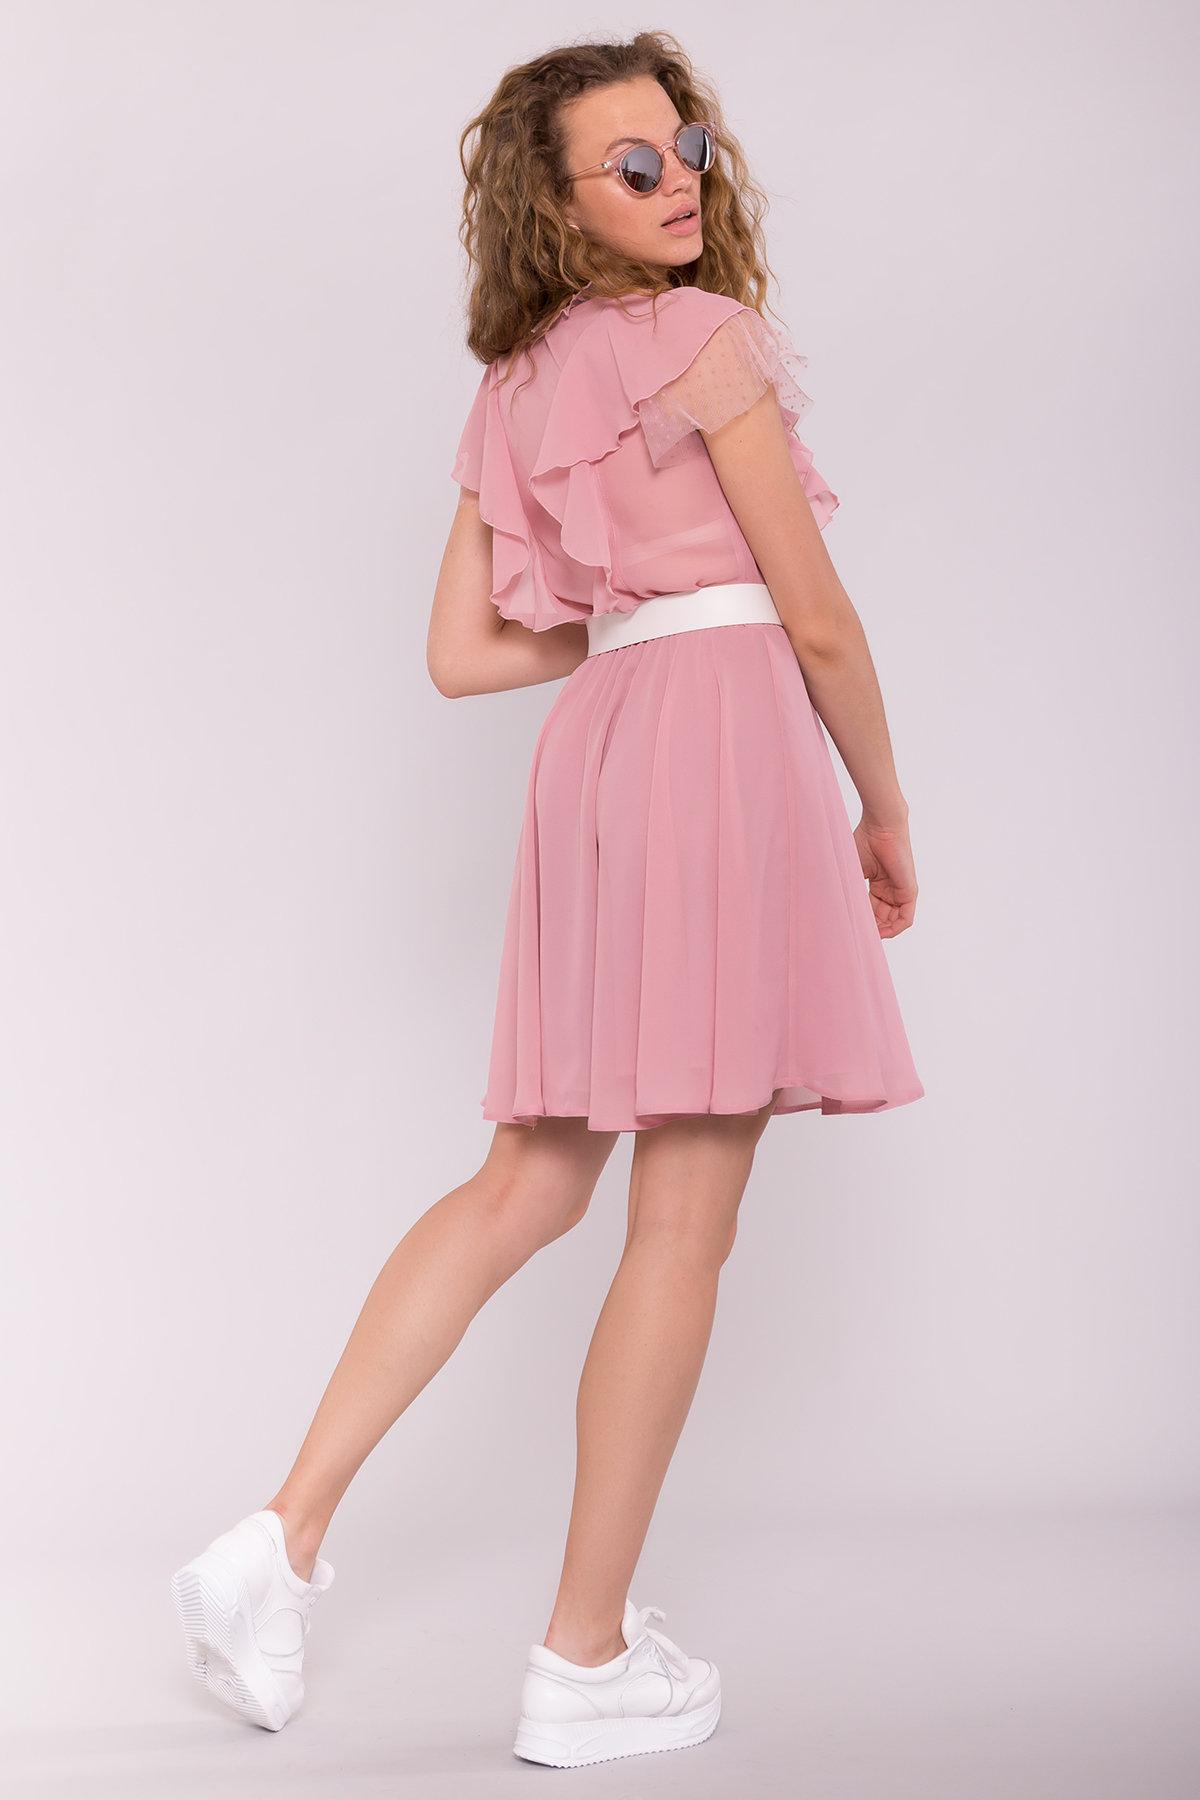 Платье Дали 6992 АРТ. 42792 Цвет: Пудра 4 - фото 2, интернет магазин tm-modus.ru